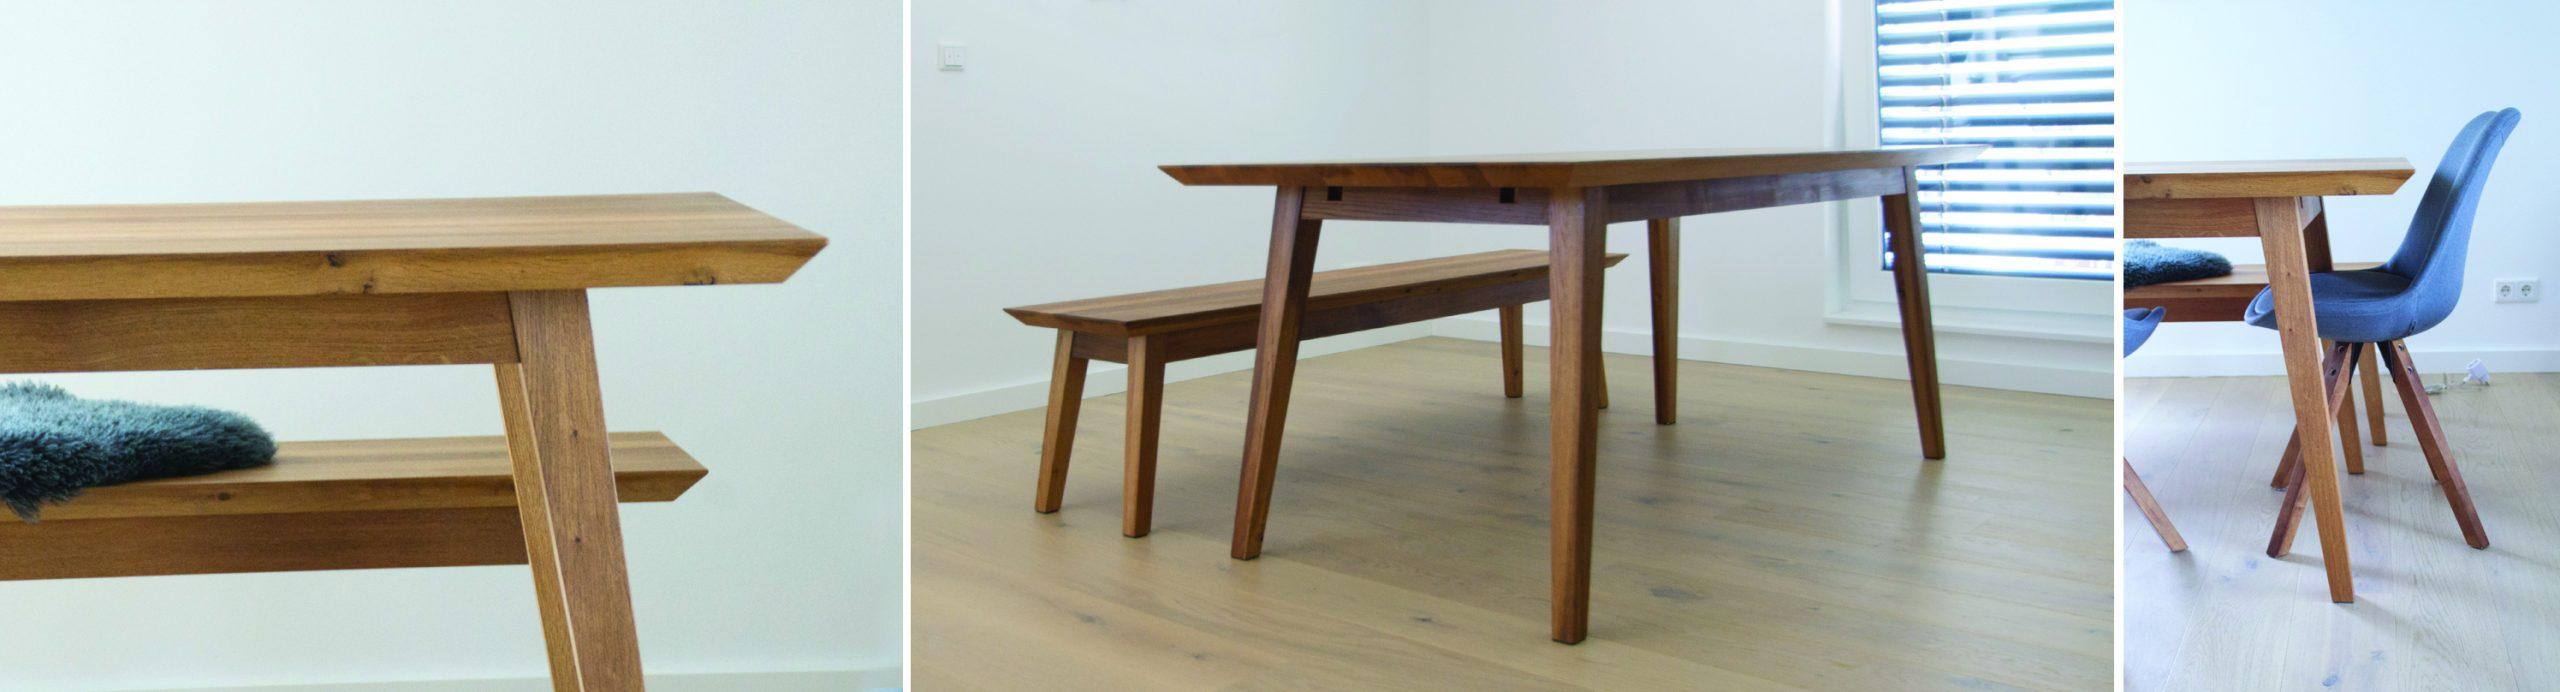 Tisch vom Schreiner